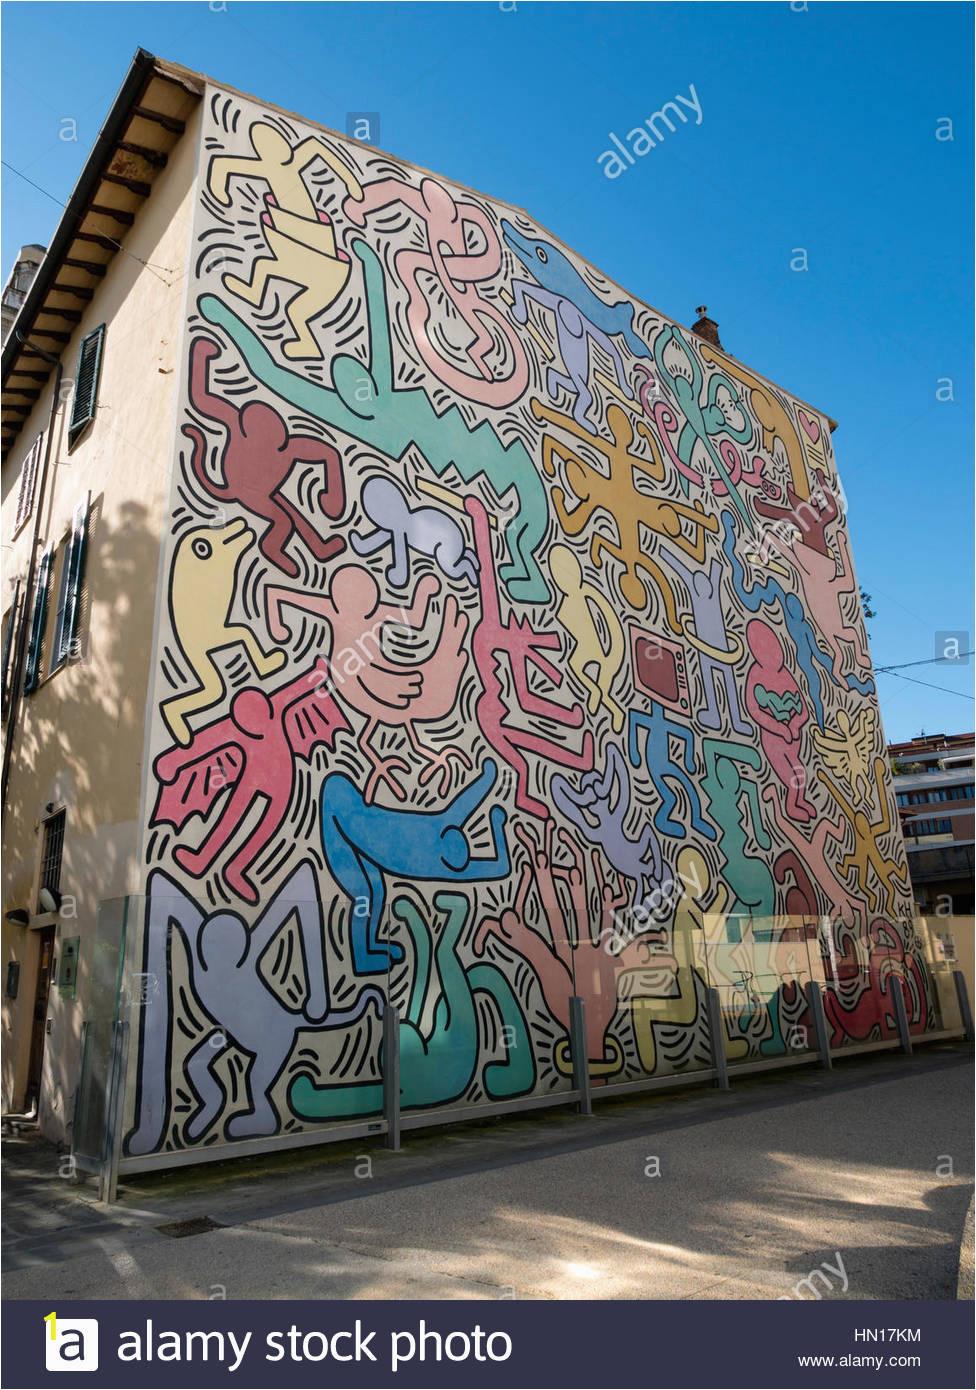 tuttomondo ein kunstwerk von keith haring 1989 pisa toskana italien hn17km